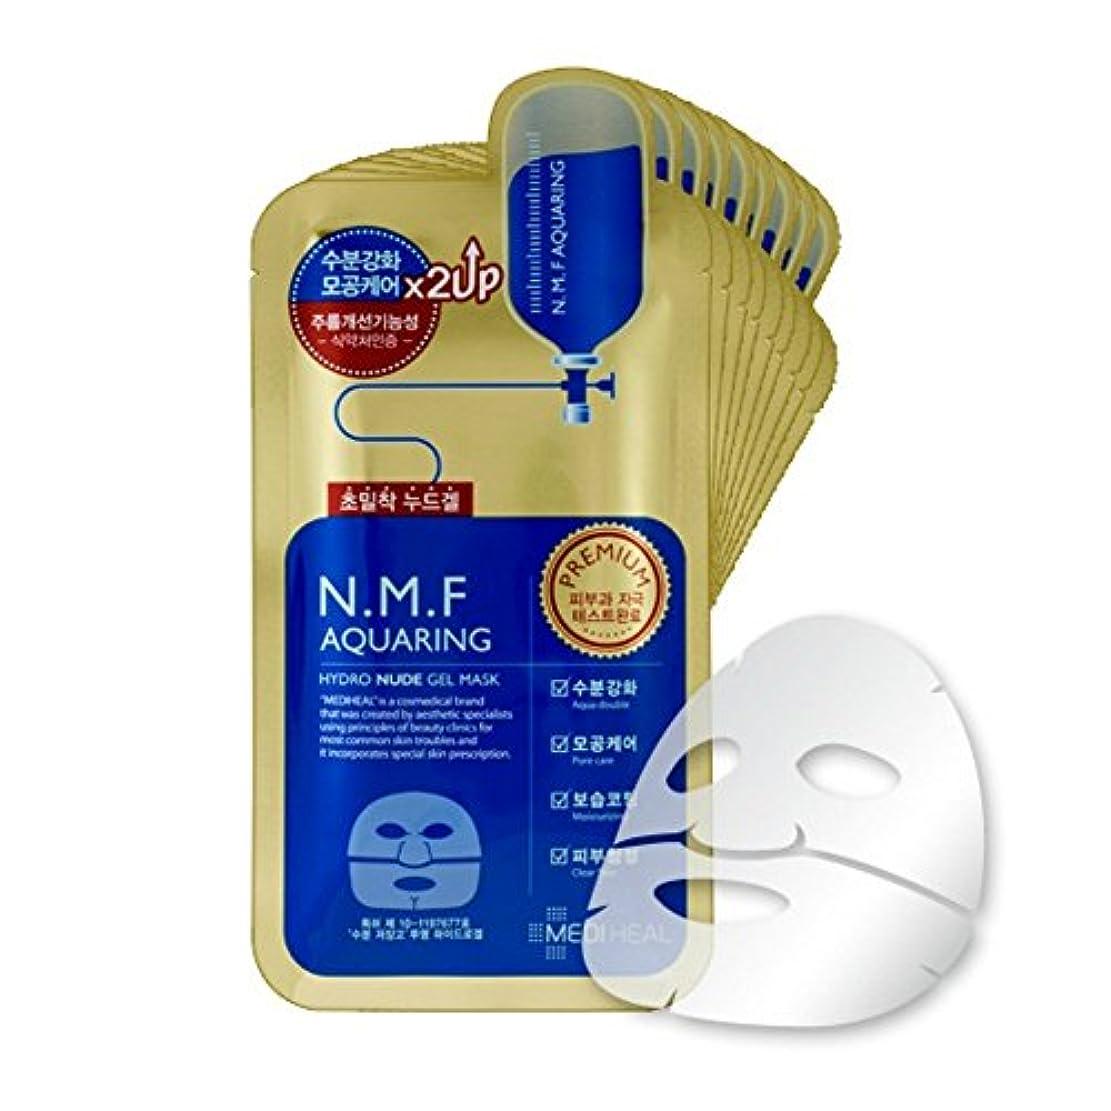 講師独裁純度MEDIHEAL メディヒール NMF アクアリング ヌード ゲルマスク (10枚) [Mediheal premium NMF AQUARING Hydro Nude Gel 10 sheets] [並行輸入品]